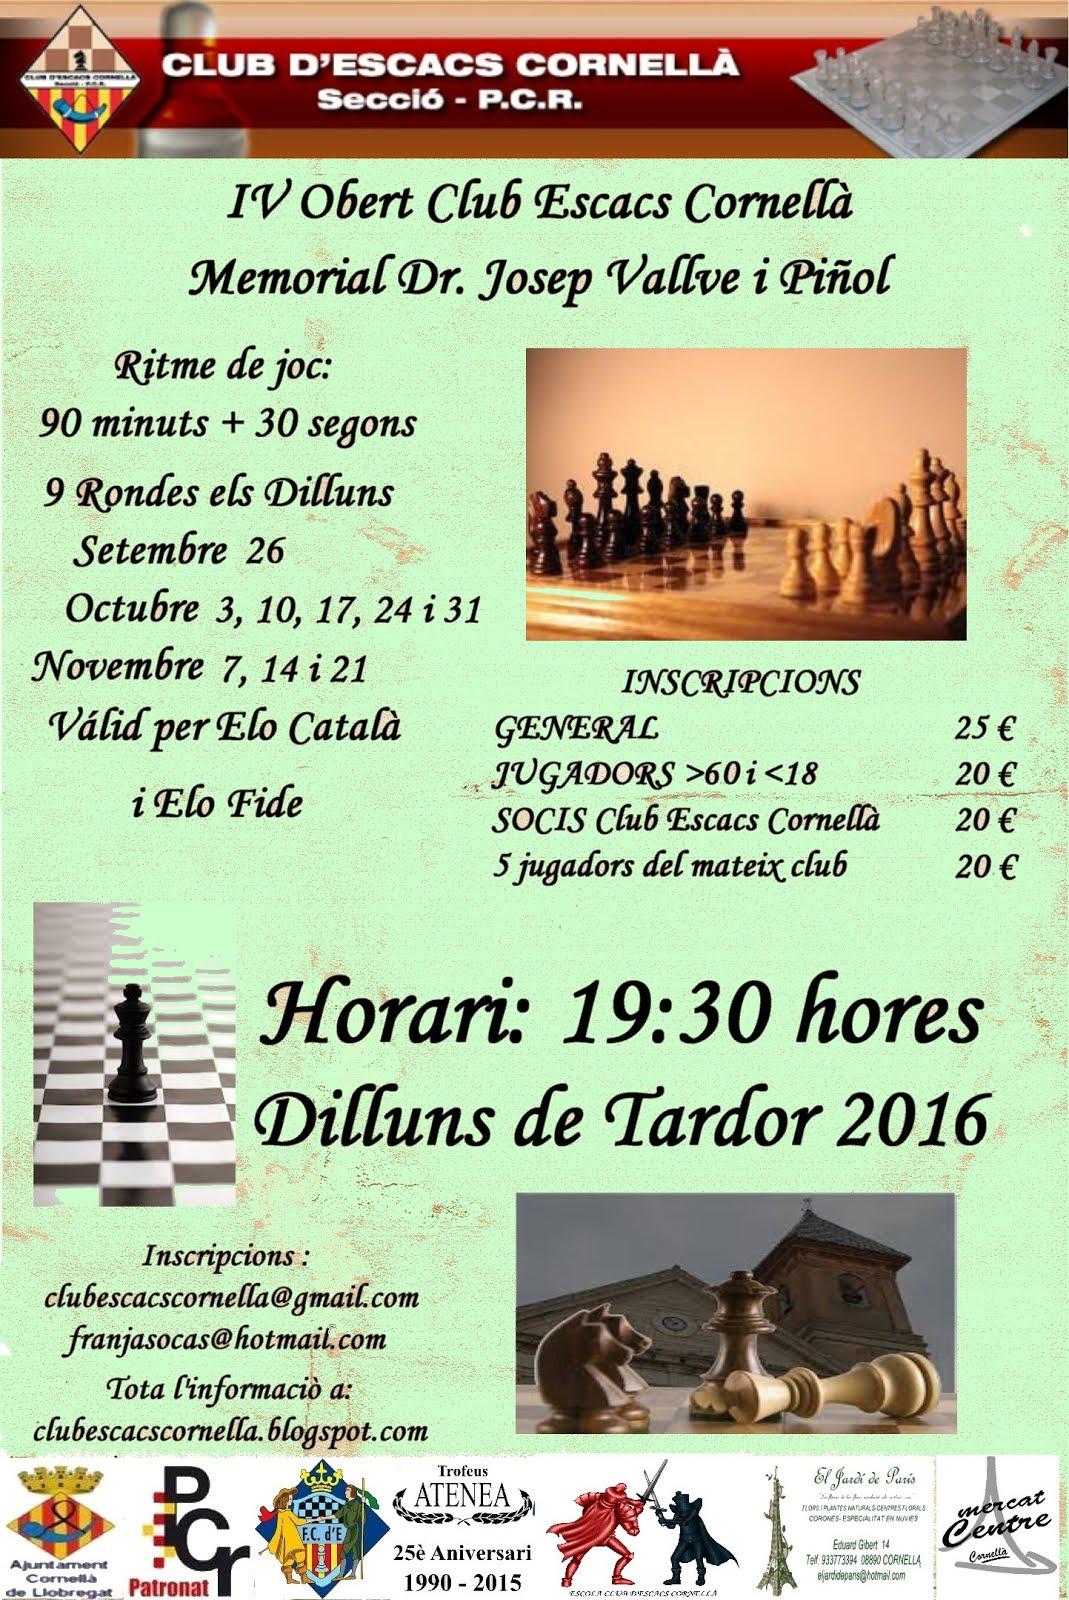 IV Obert Club Escacs Cornellà